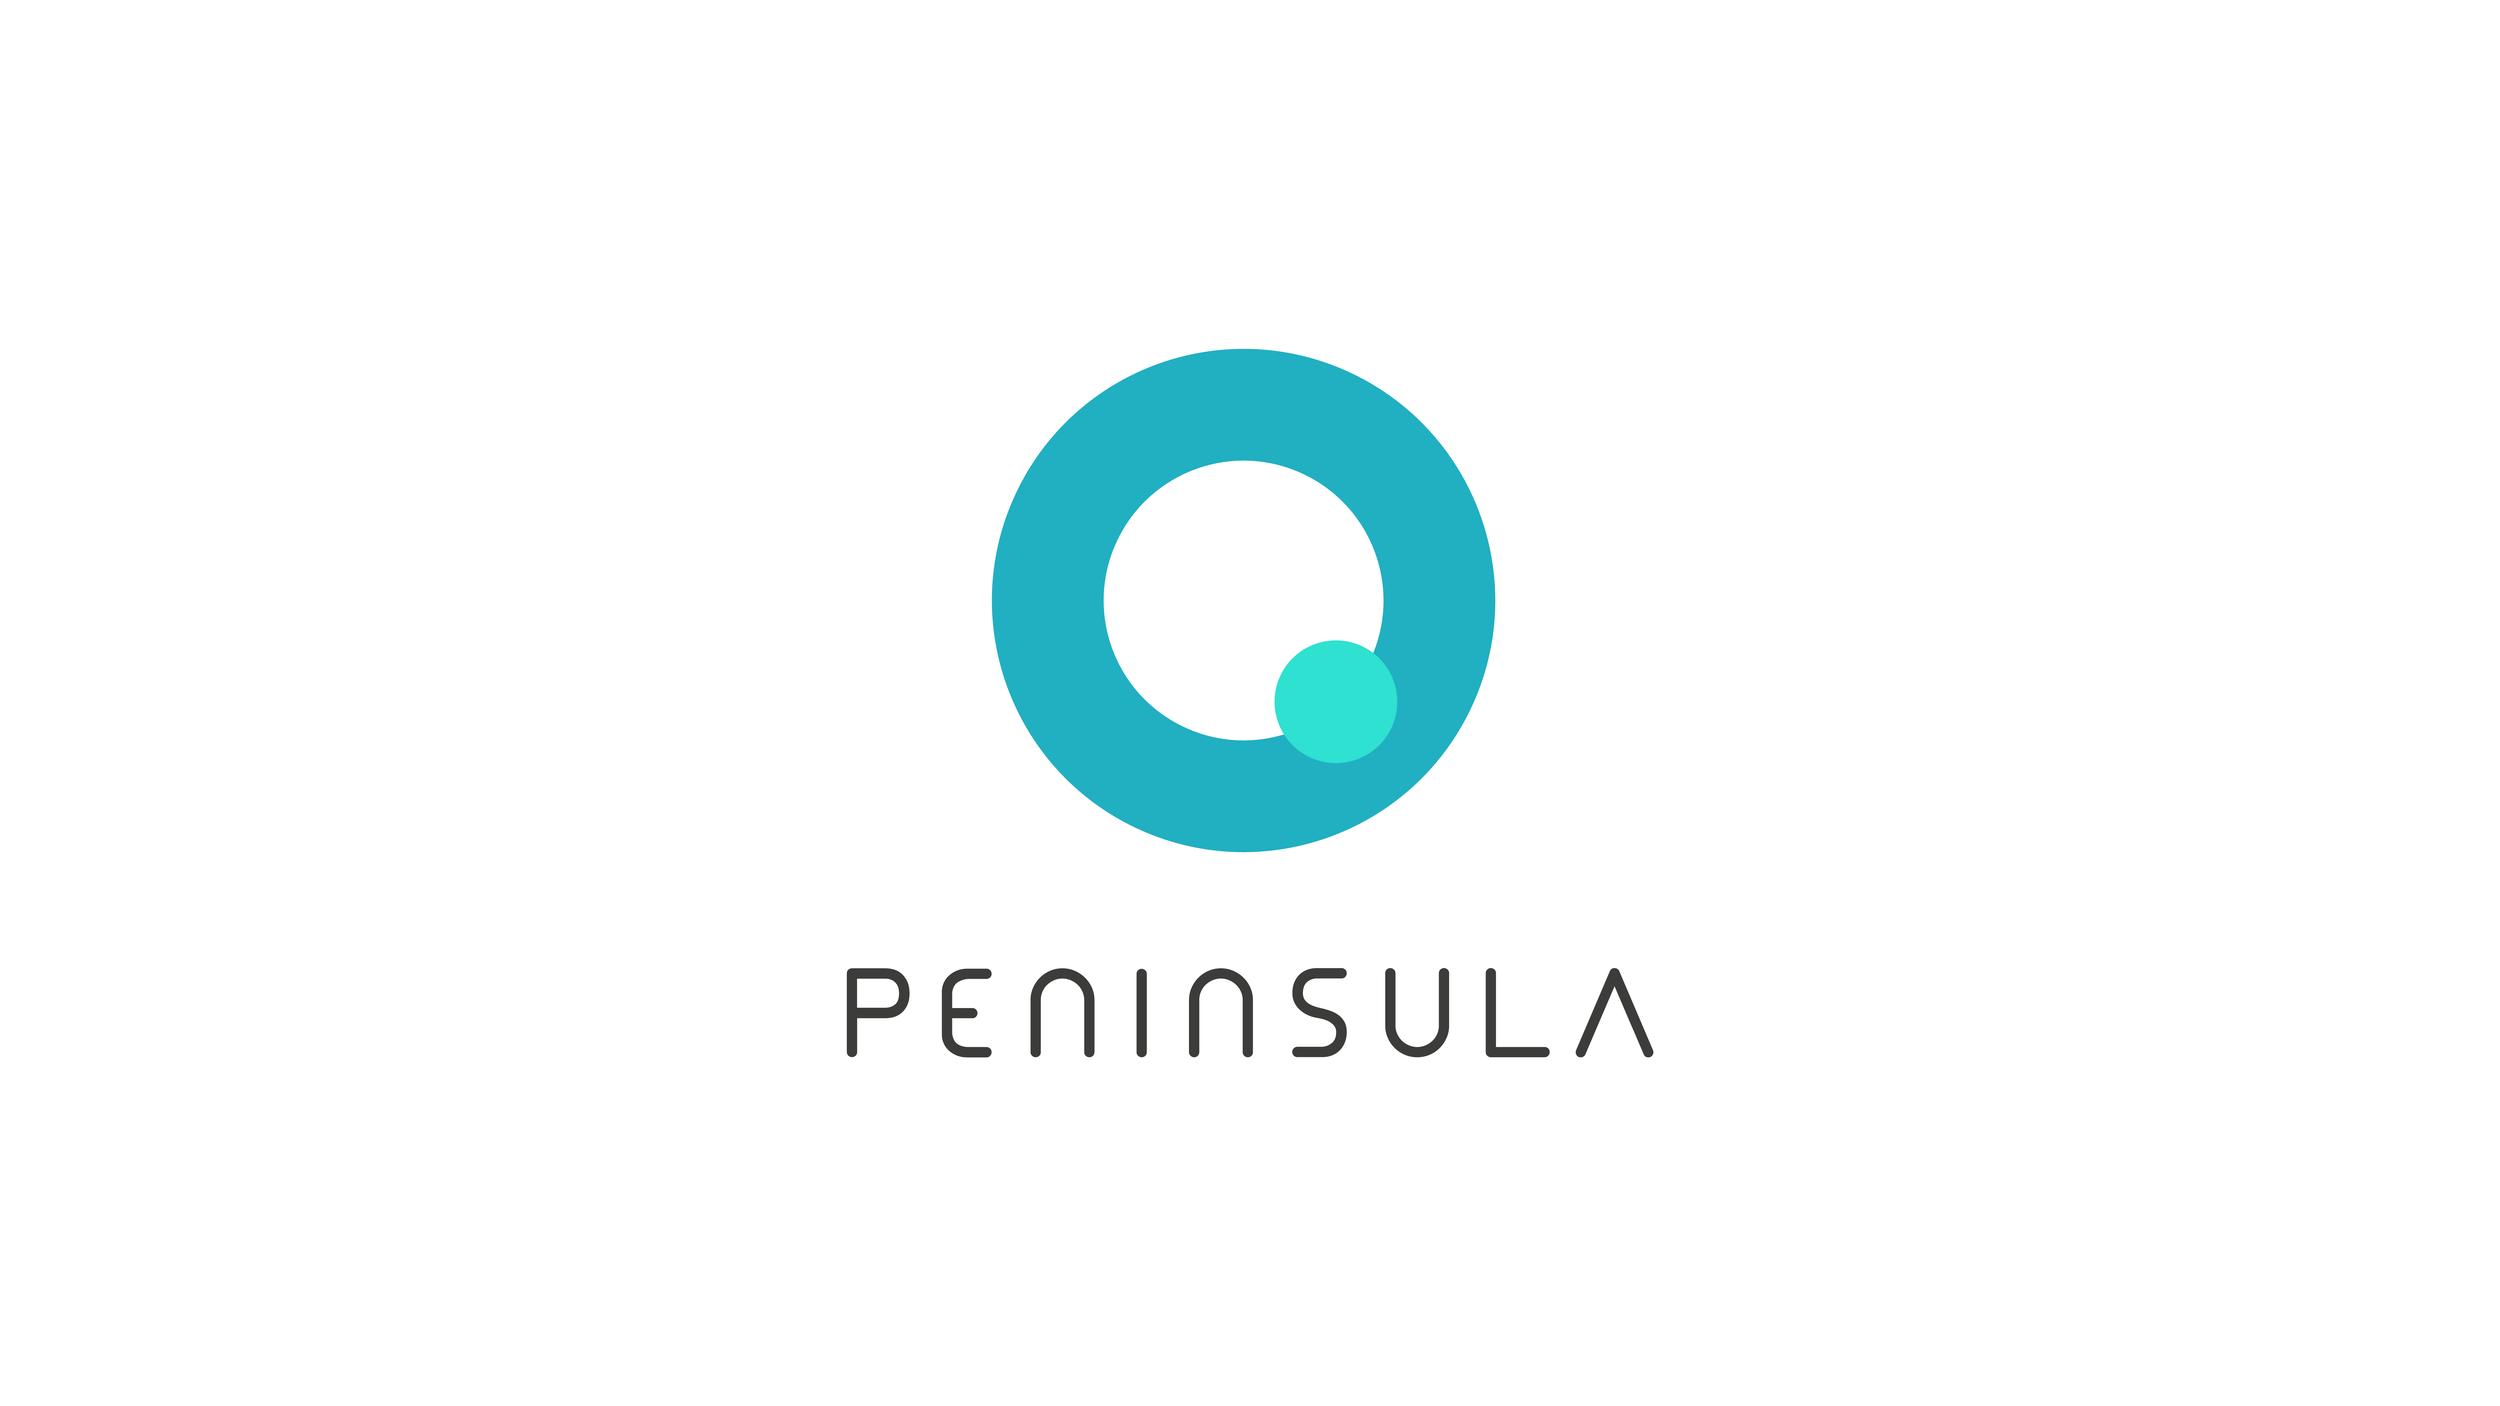 Peninsula-fondo-blanco.png